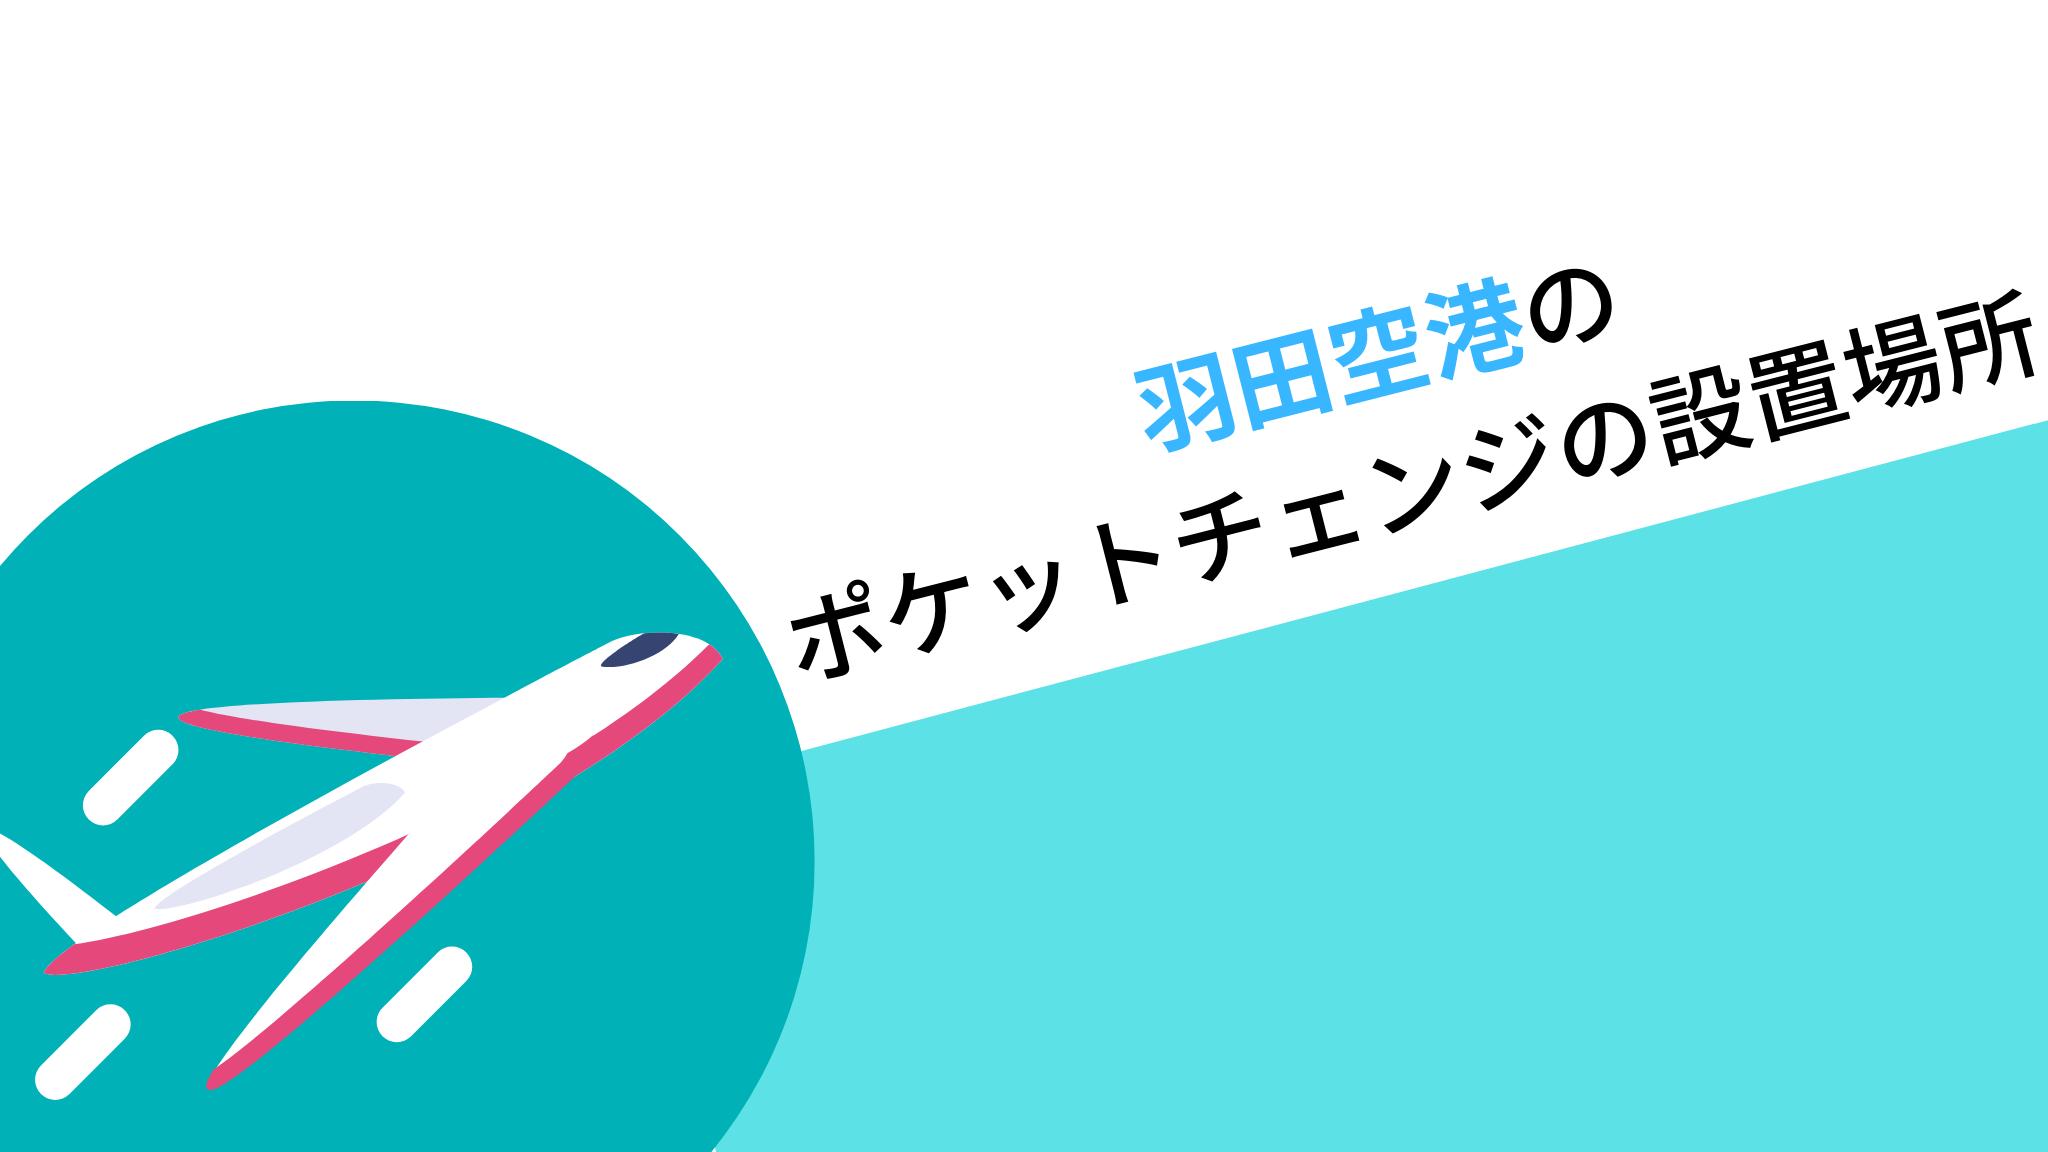 【国際線ターミナルの名称が「第3ターミナル」に変更!】羽田空港のポケットチェンジの設置場所